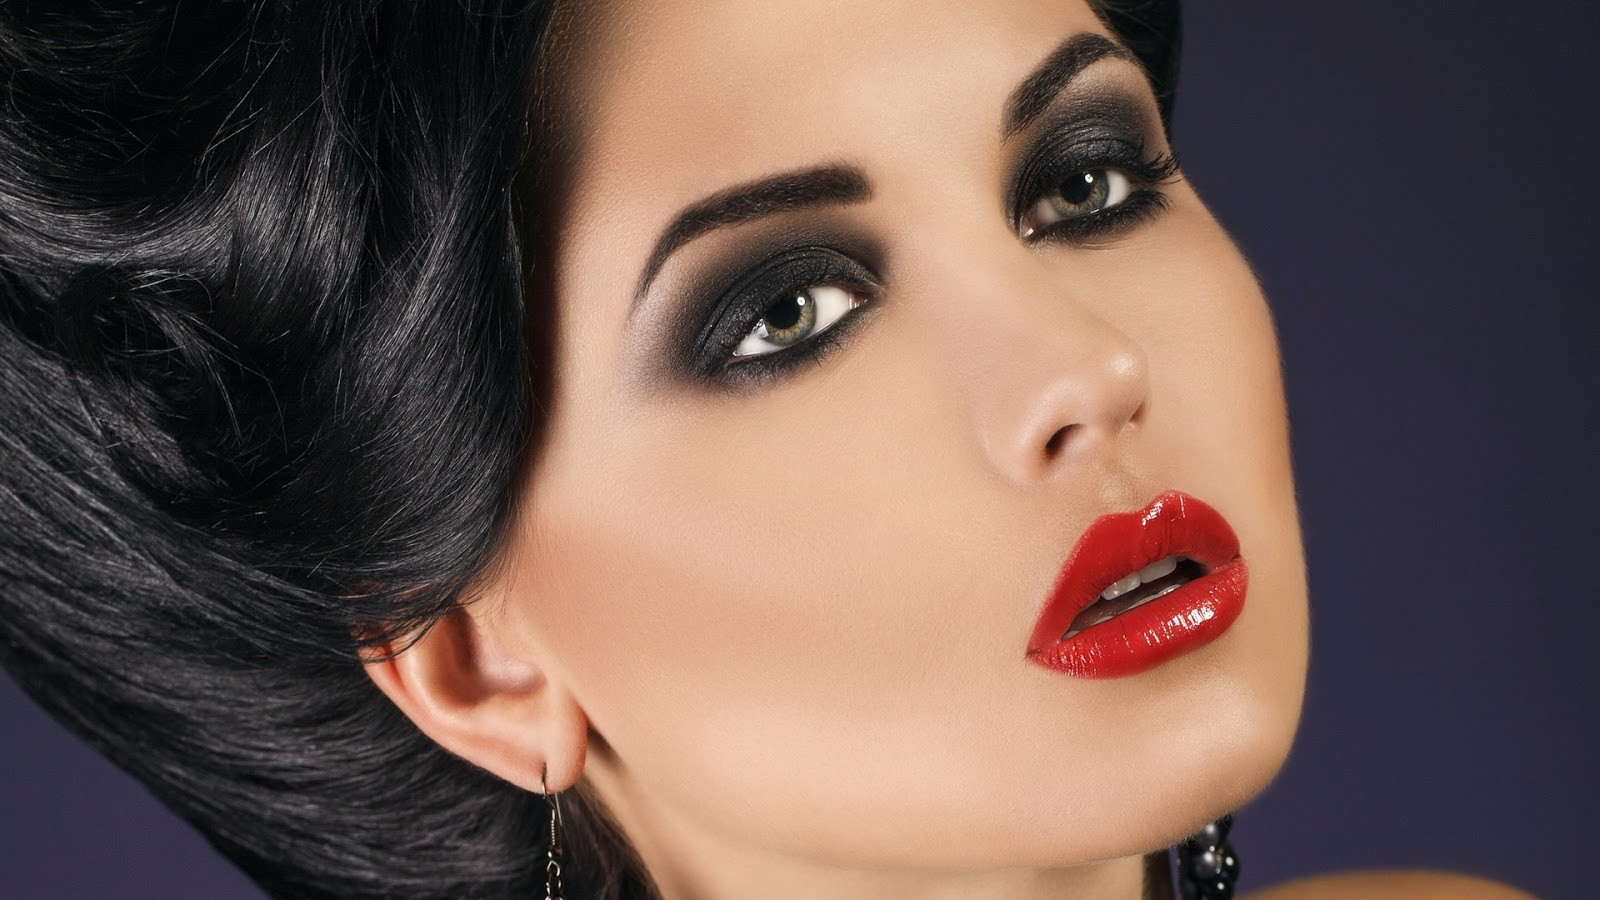 Ученые поведали опричинах применения яркого макияжа дамами